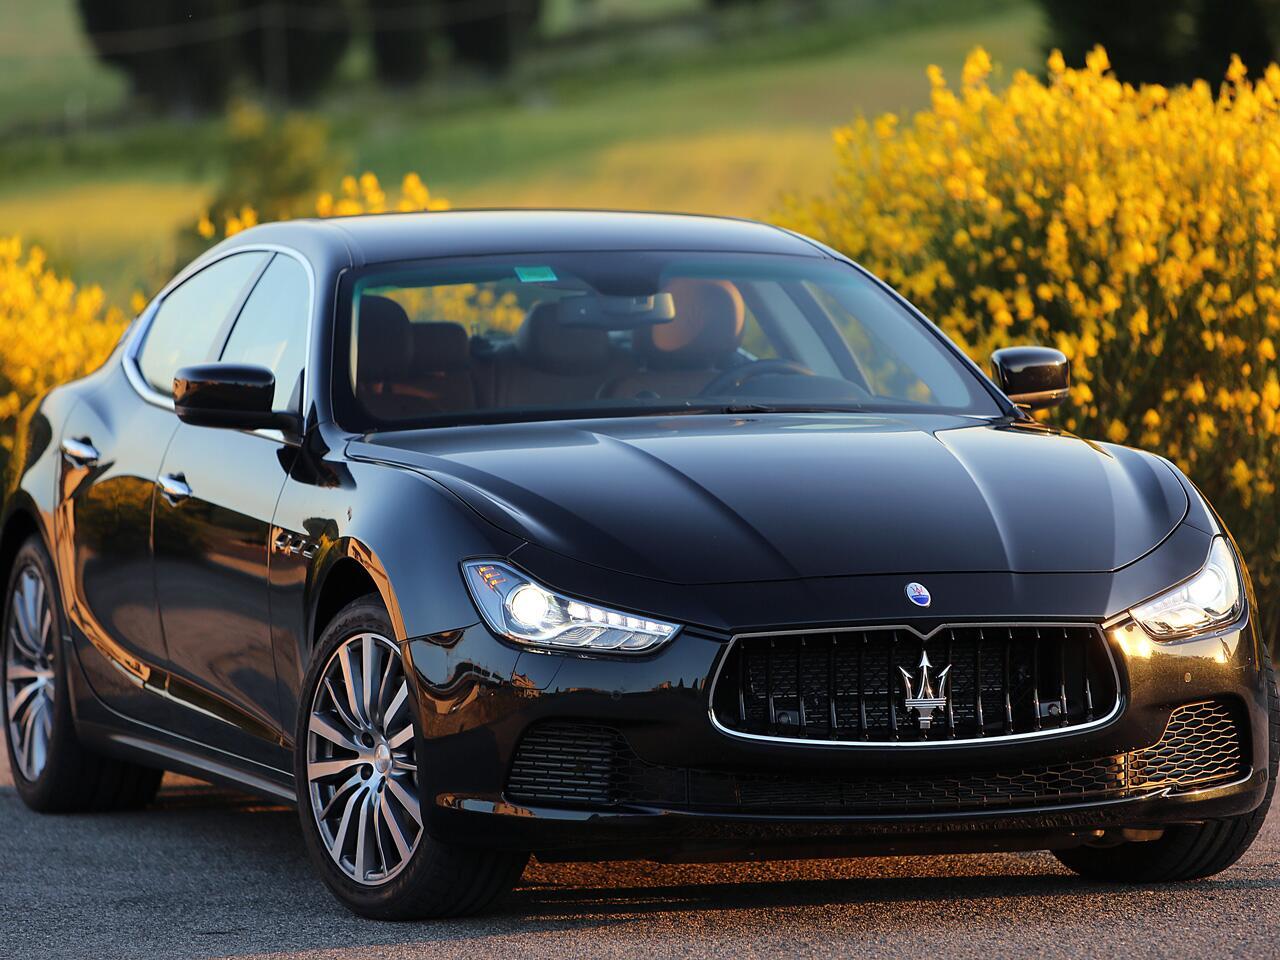 Bild zu Maserati Ghibli, viertürige Limousine mit Dieselmotor